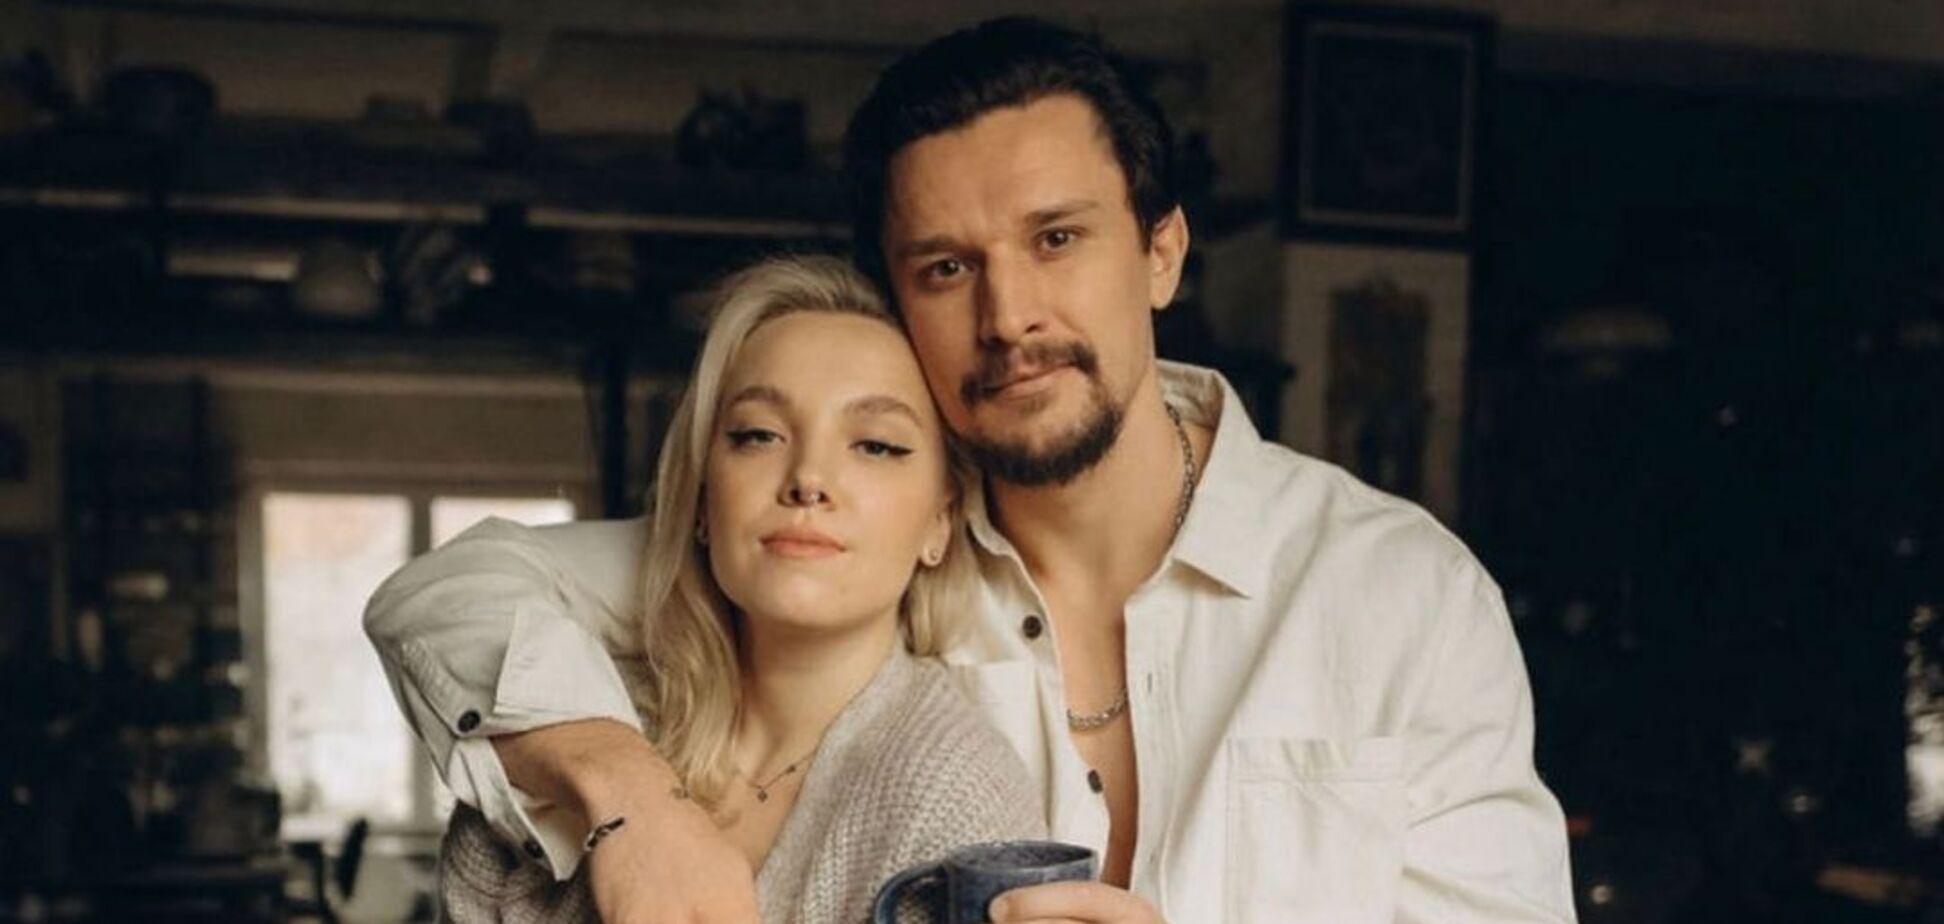 Секс-символ українського кіно Тарас Цимбалюк одружився зі своєю коханою Тіною. Фото